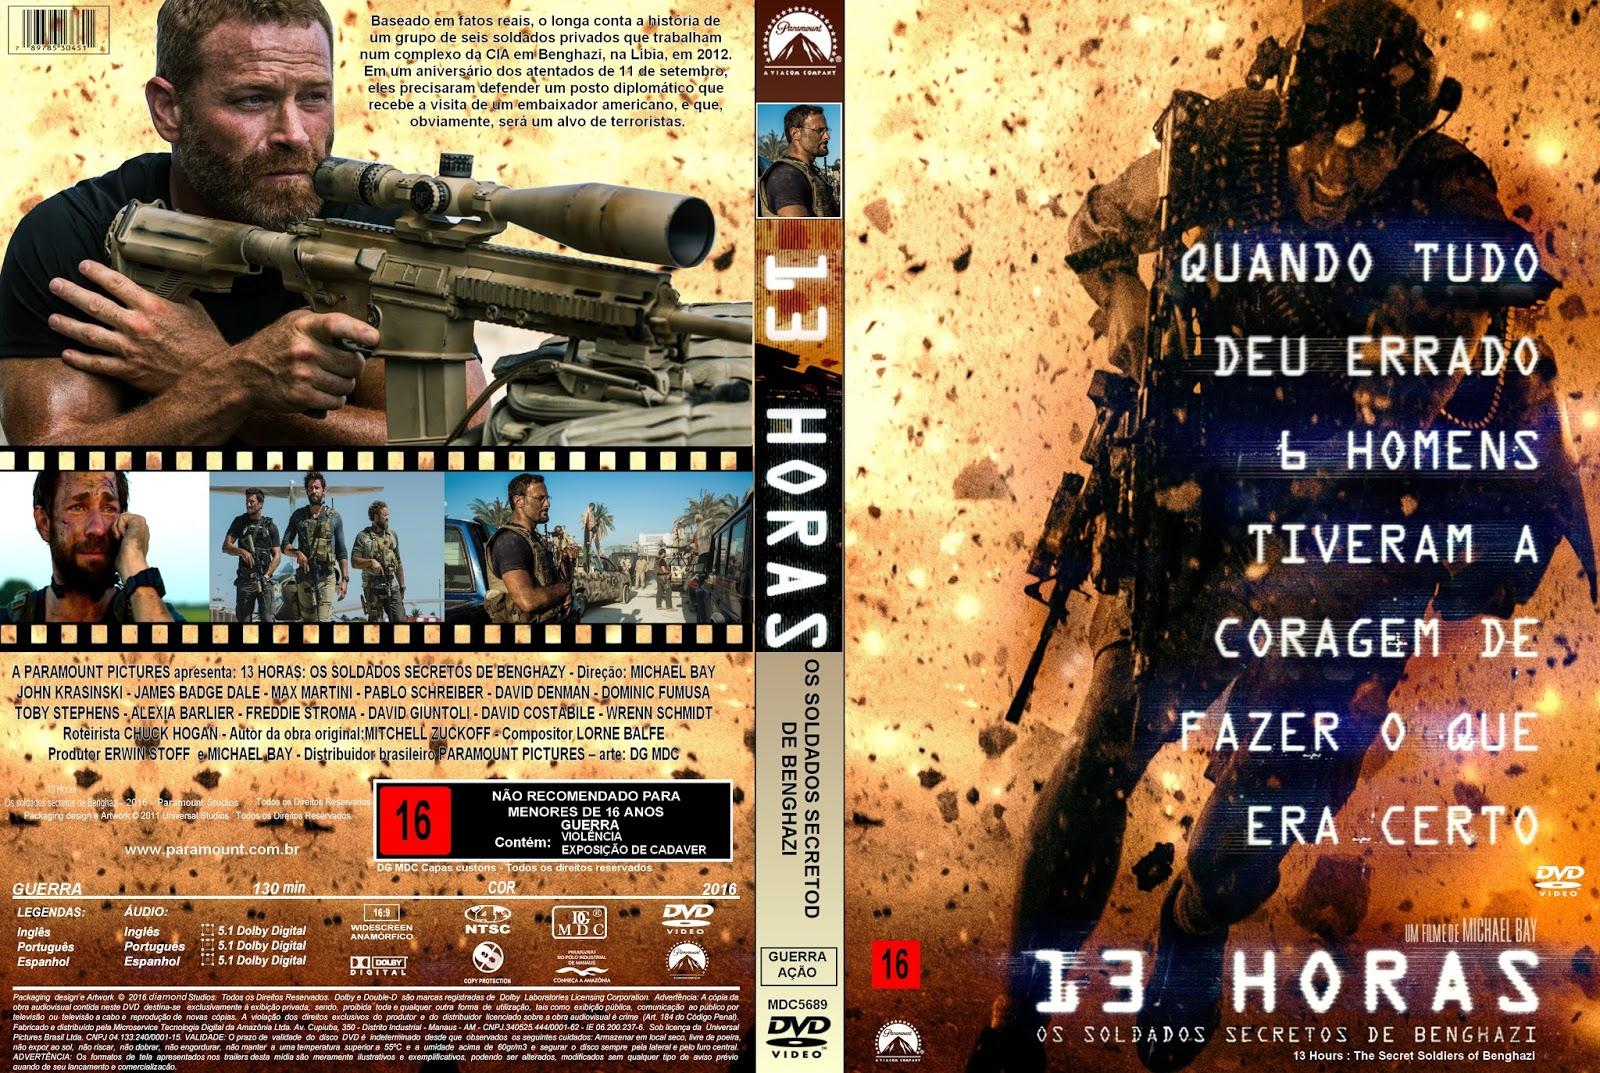 Download 13 Horas Os Soldados Secretos de Benghazi BDRip Dual Áudio 13 2BHoras 2B  2BOs 2BSoldados 2BSecretos 2BDe 2BBenghazi 2B 25282016 2529